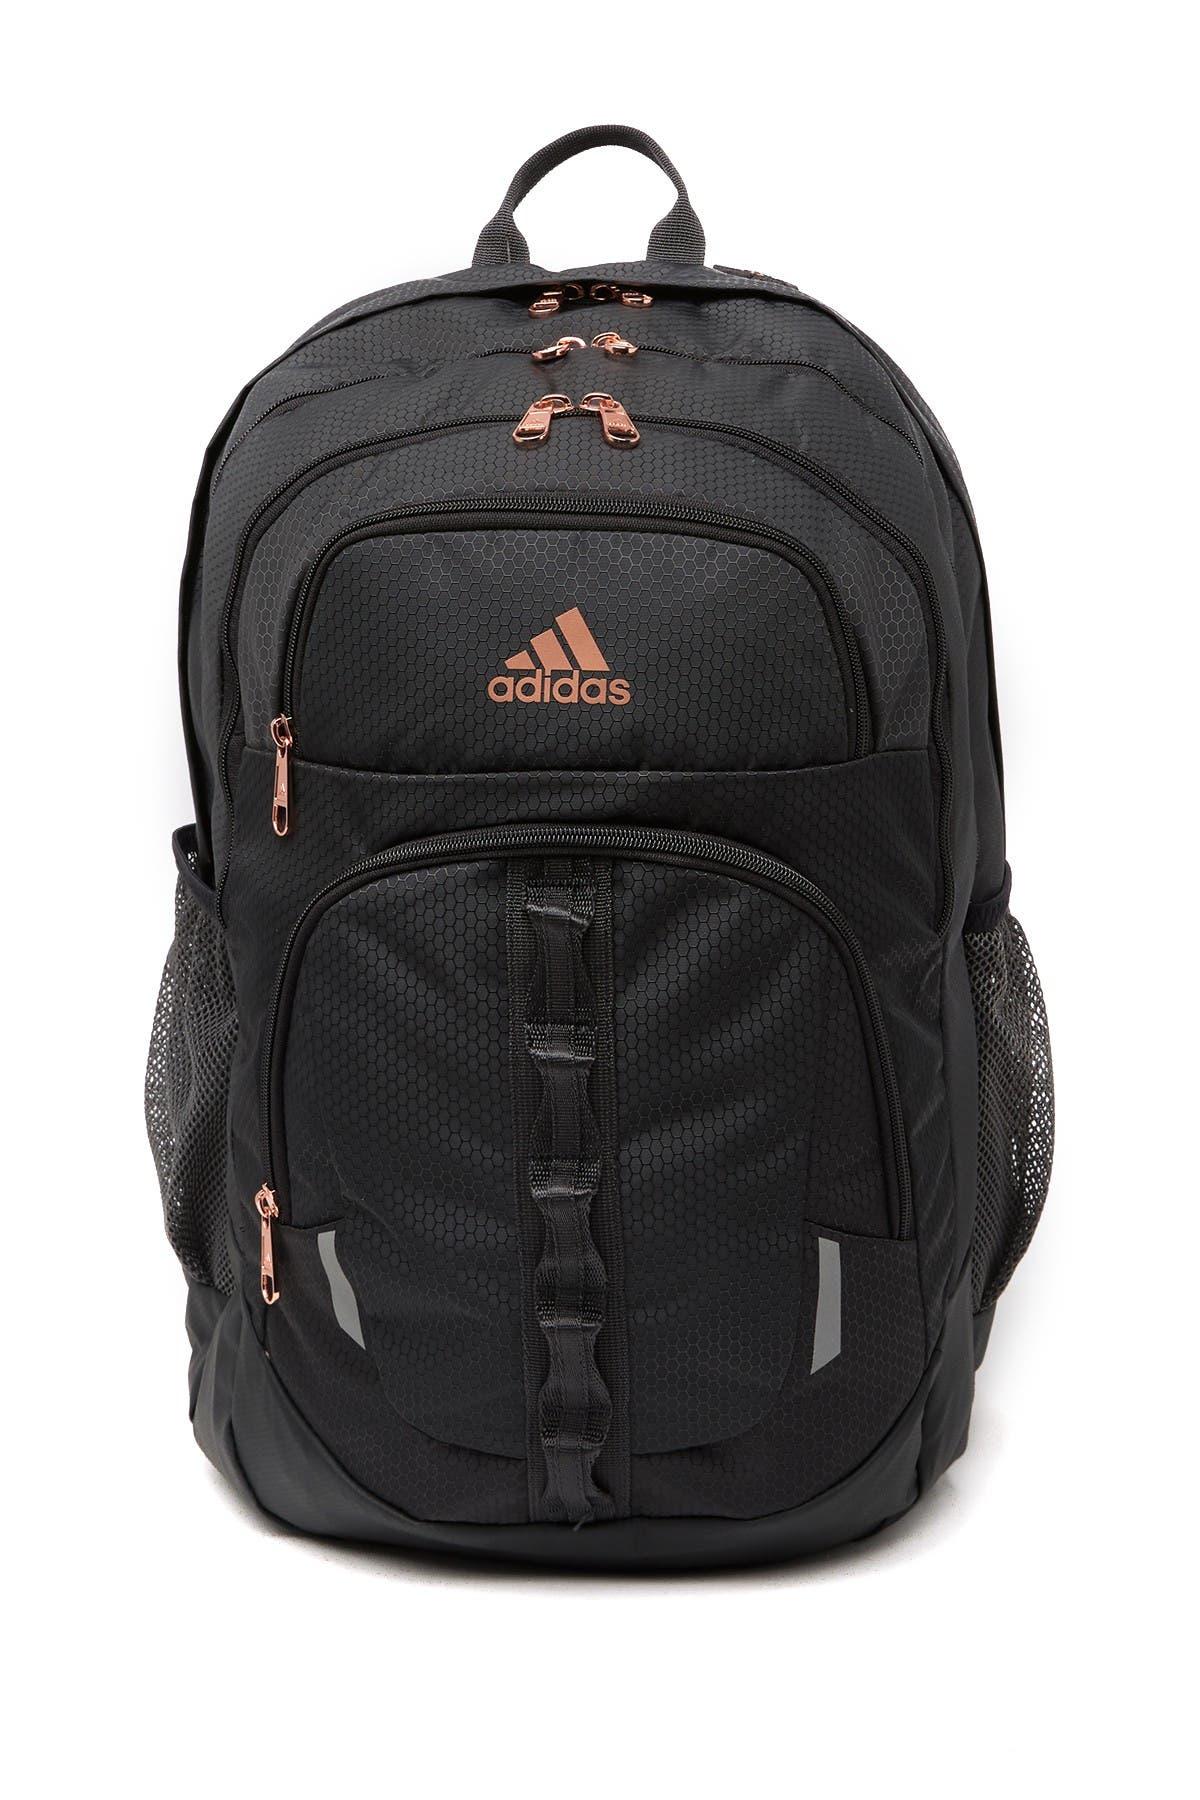 Image of adidas Prime V Backpack